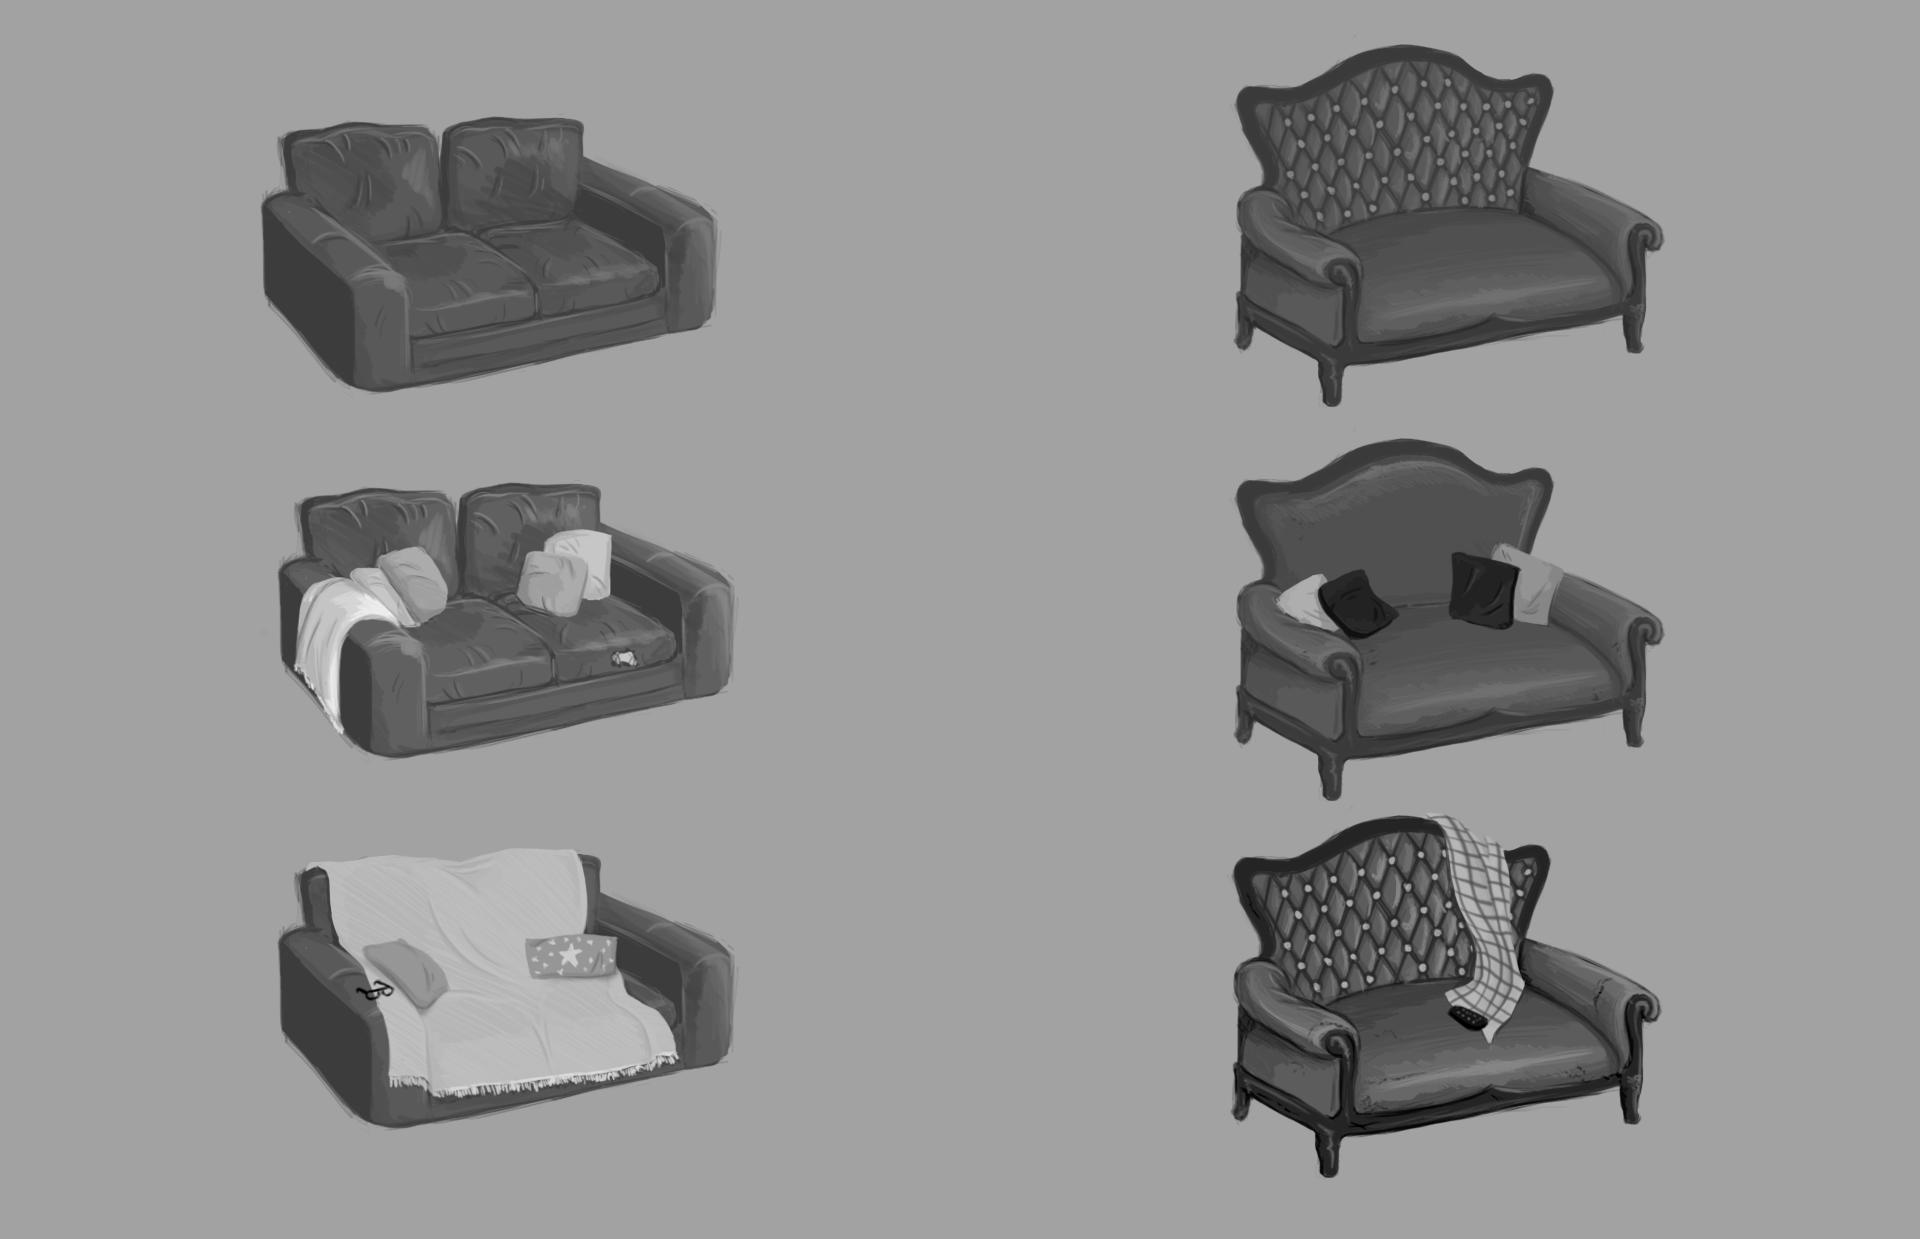 Objetos concept2